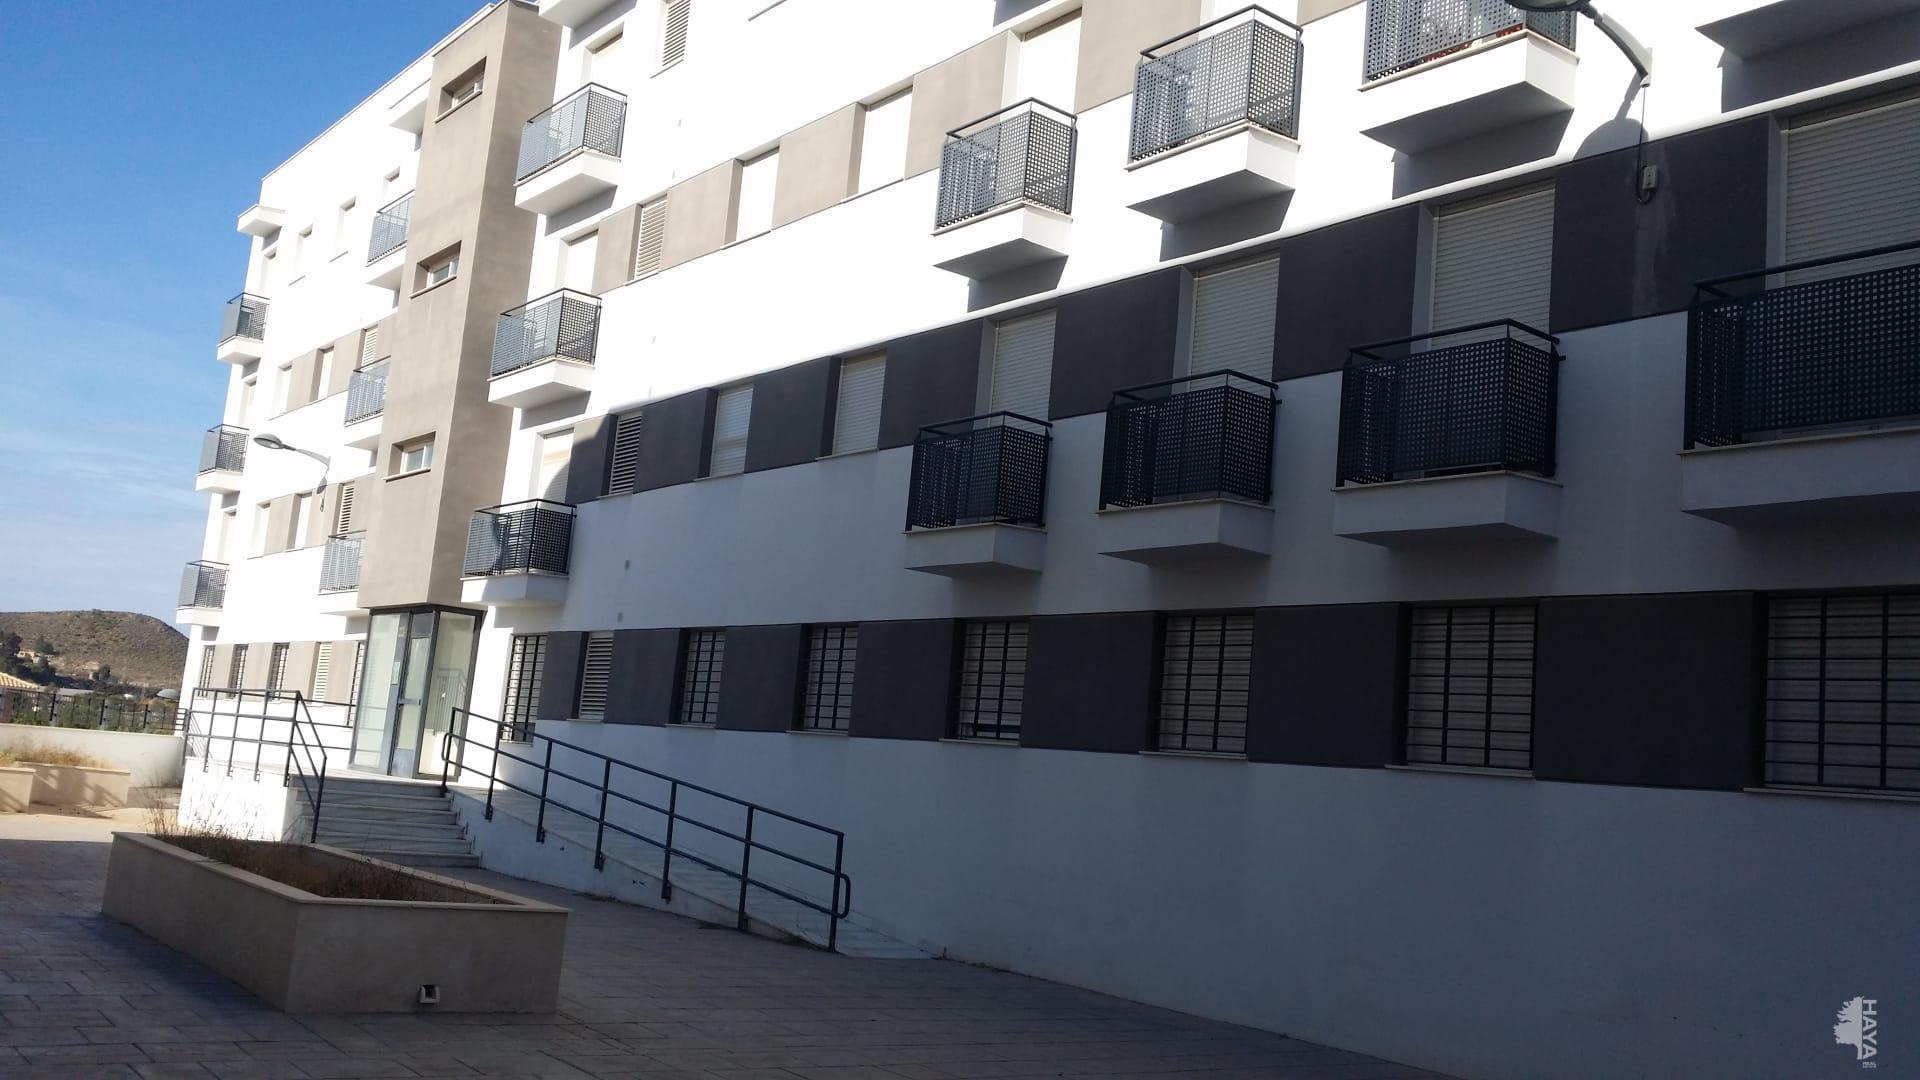 Piso en venta en Olula del Río, Almería, Calle Alta, 63.800 €, 3 habitaciones, 1 baño, 95 m2